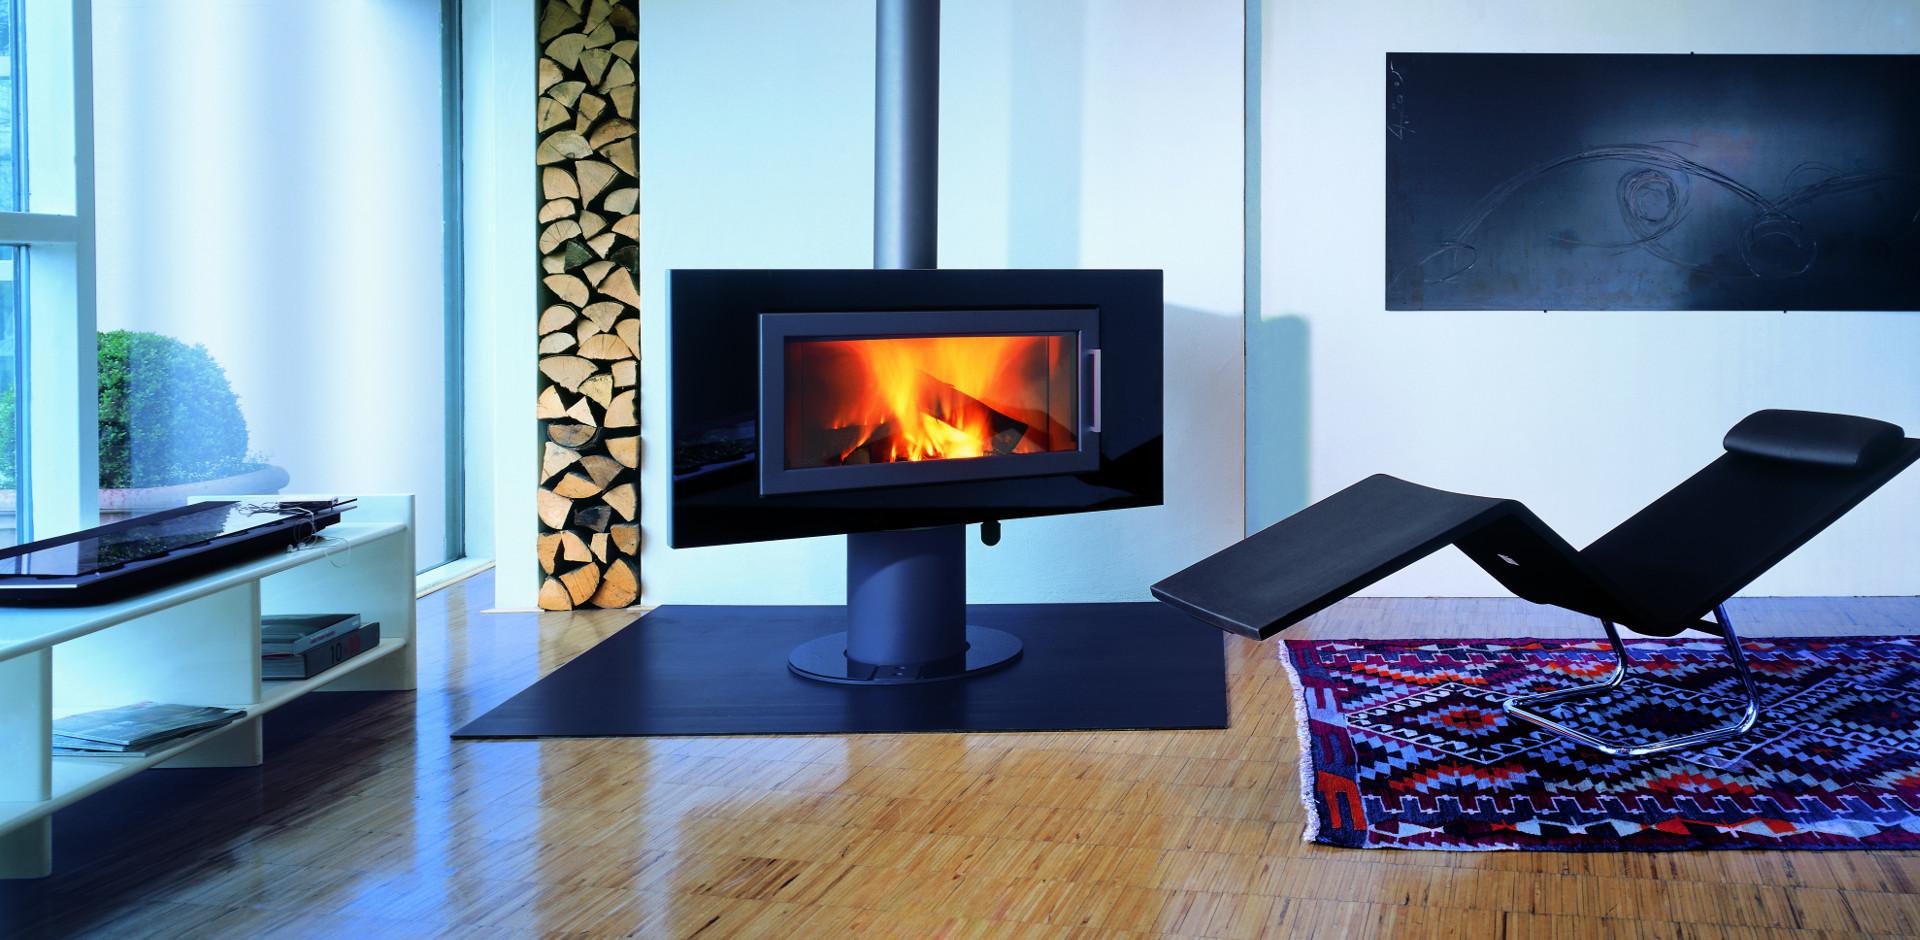 Poêle à bois vision panoramique, Poêle design Fire SL  Fondis